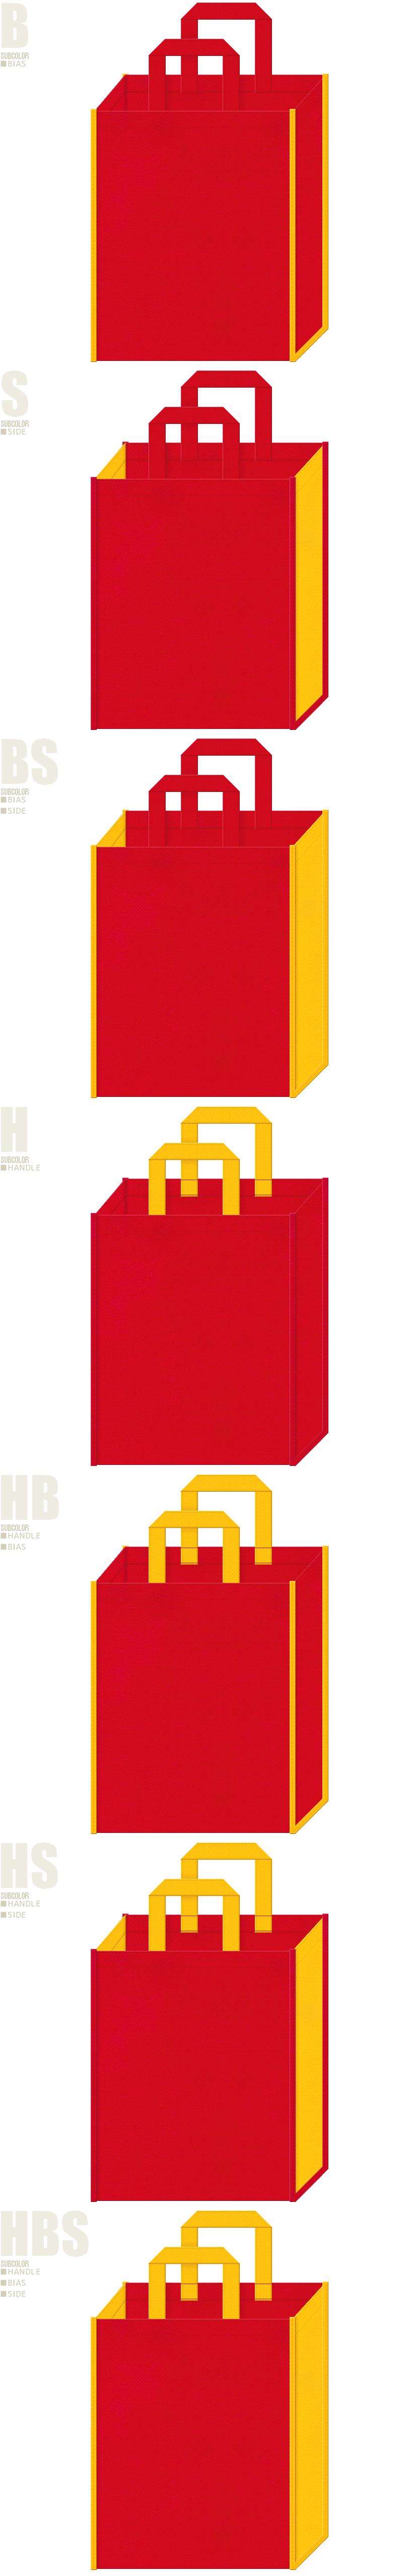 琉球舞踊・アフリカ・カーニバル・サンバ・ピエロ・サーカス・ゲーム・パズル・おもちゃ・アミューズメント・テーマパーク・キッズイベントにお奨めの不織布バッグデザイン:紅色と黄色の配色7パターン